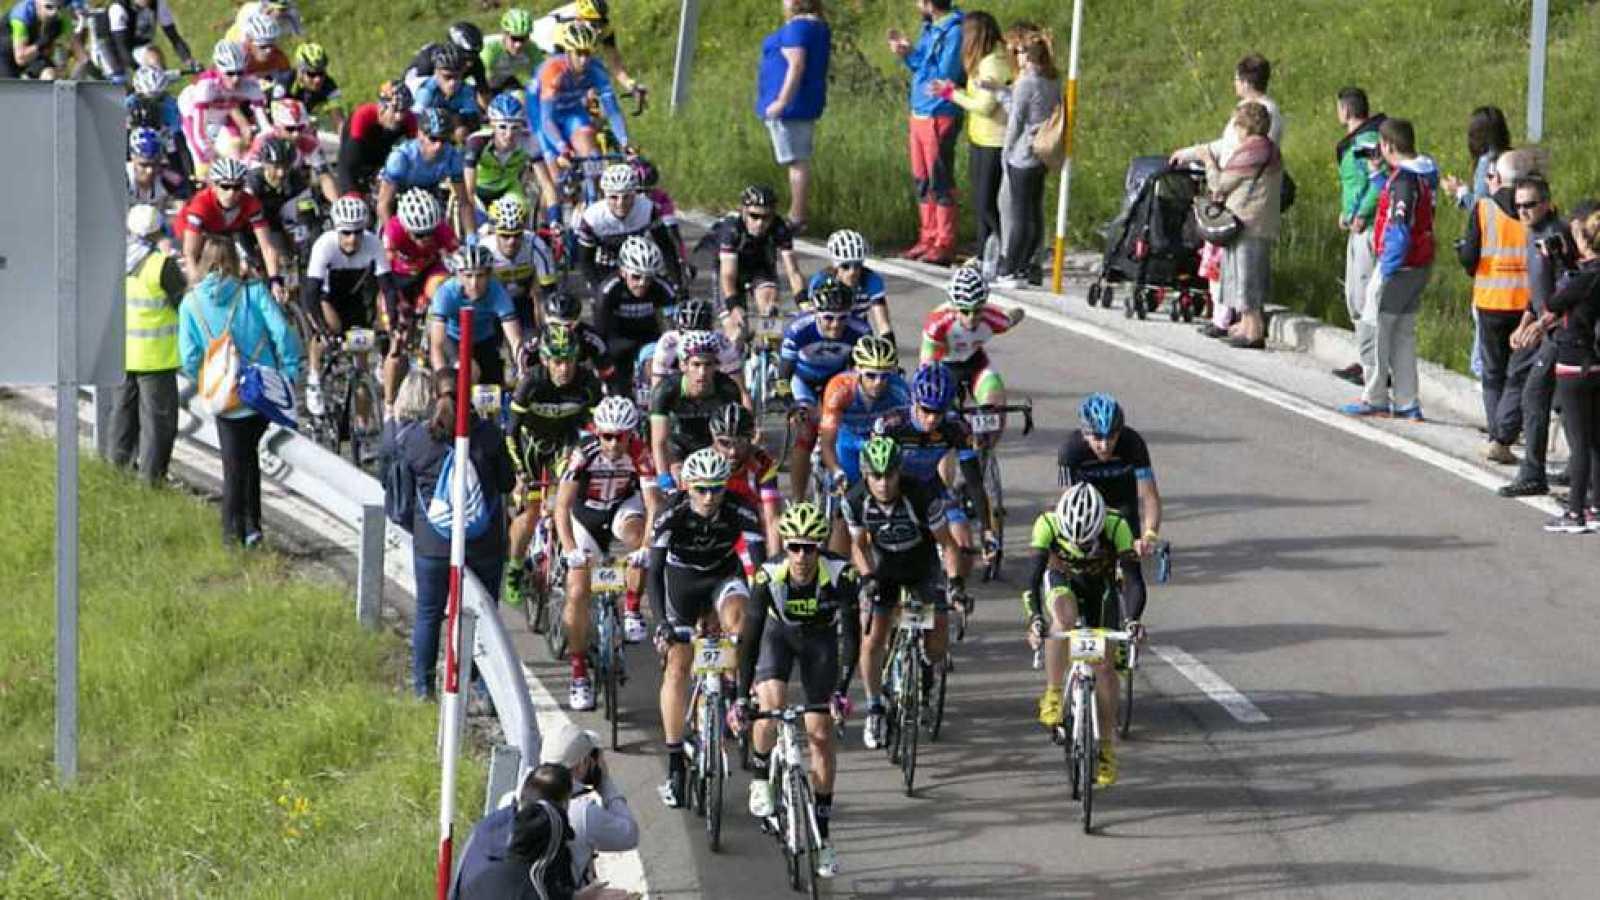 Ciclismo - Marcha cicloturista Quebrantahuesos 2015 - ver ahora